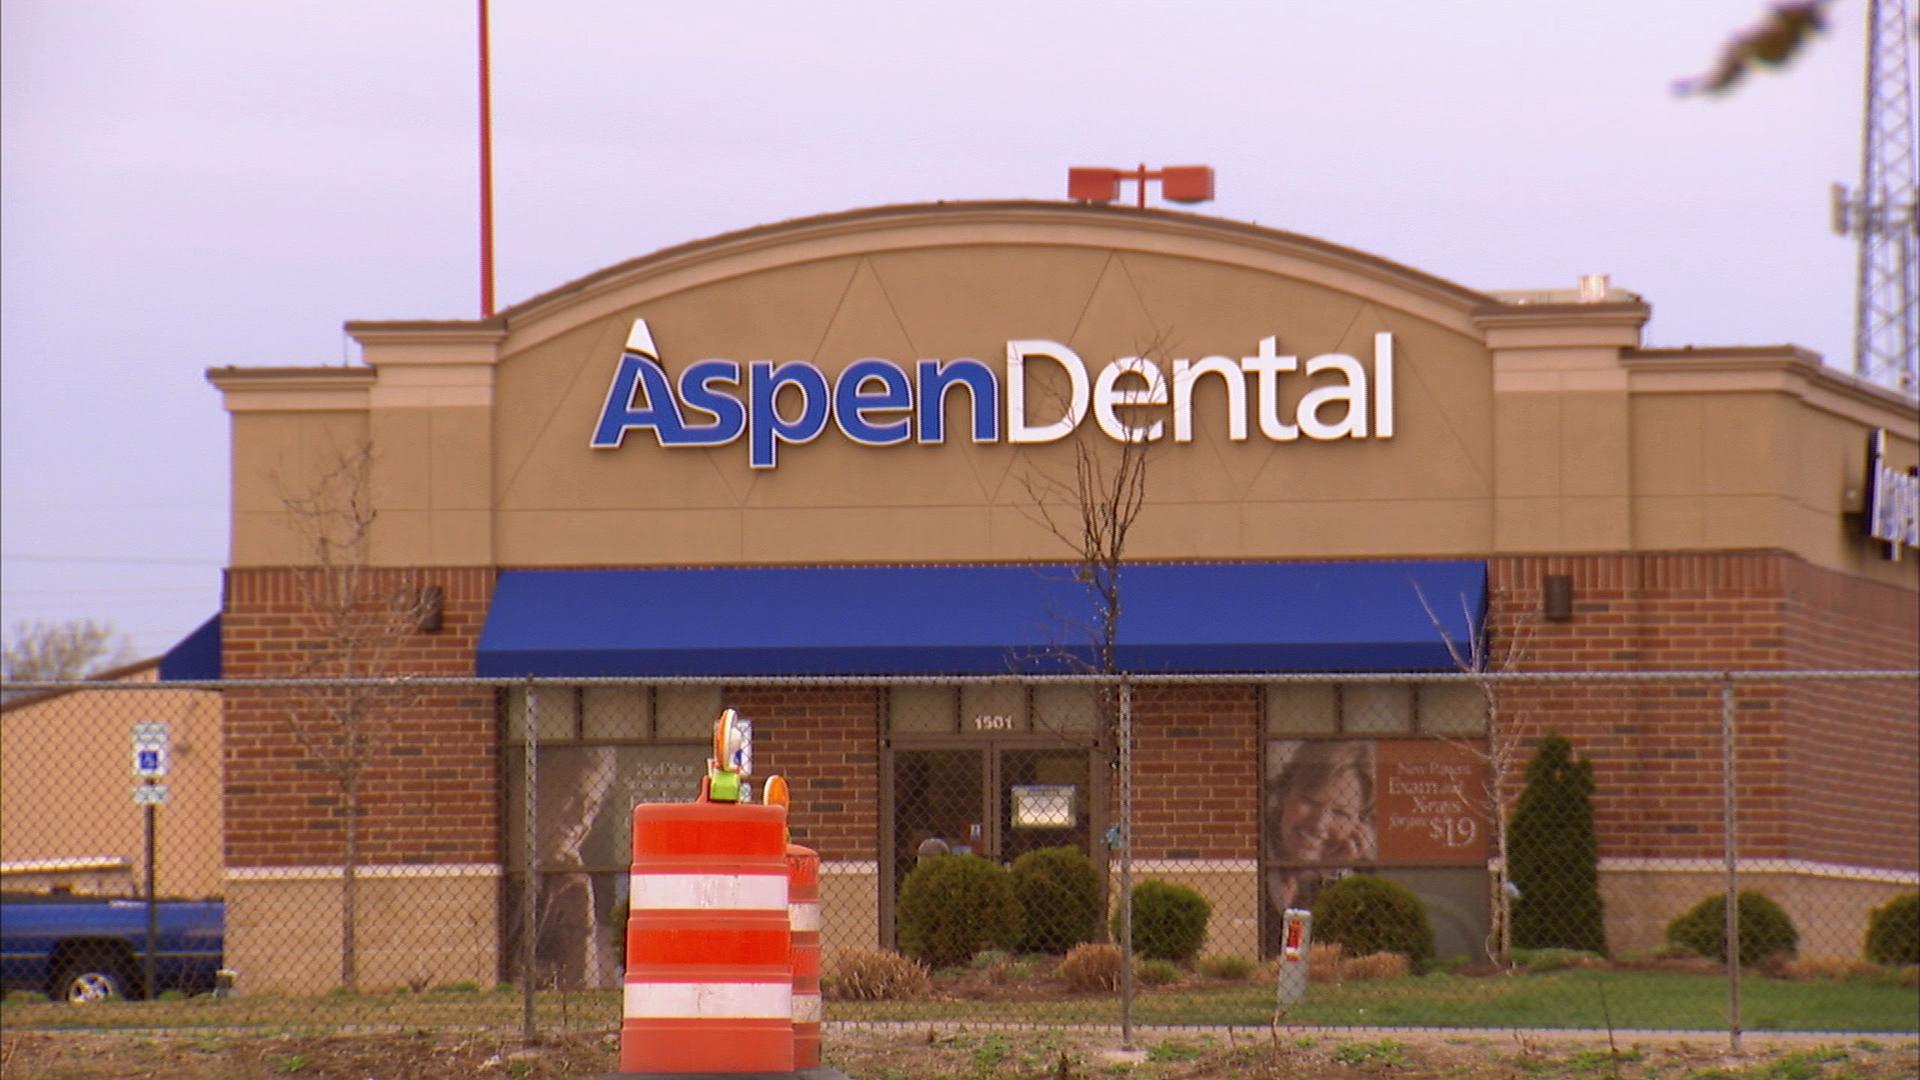 Aspen dental okc